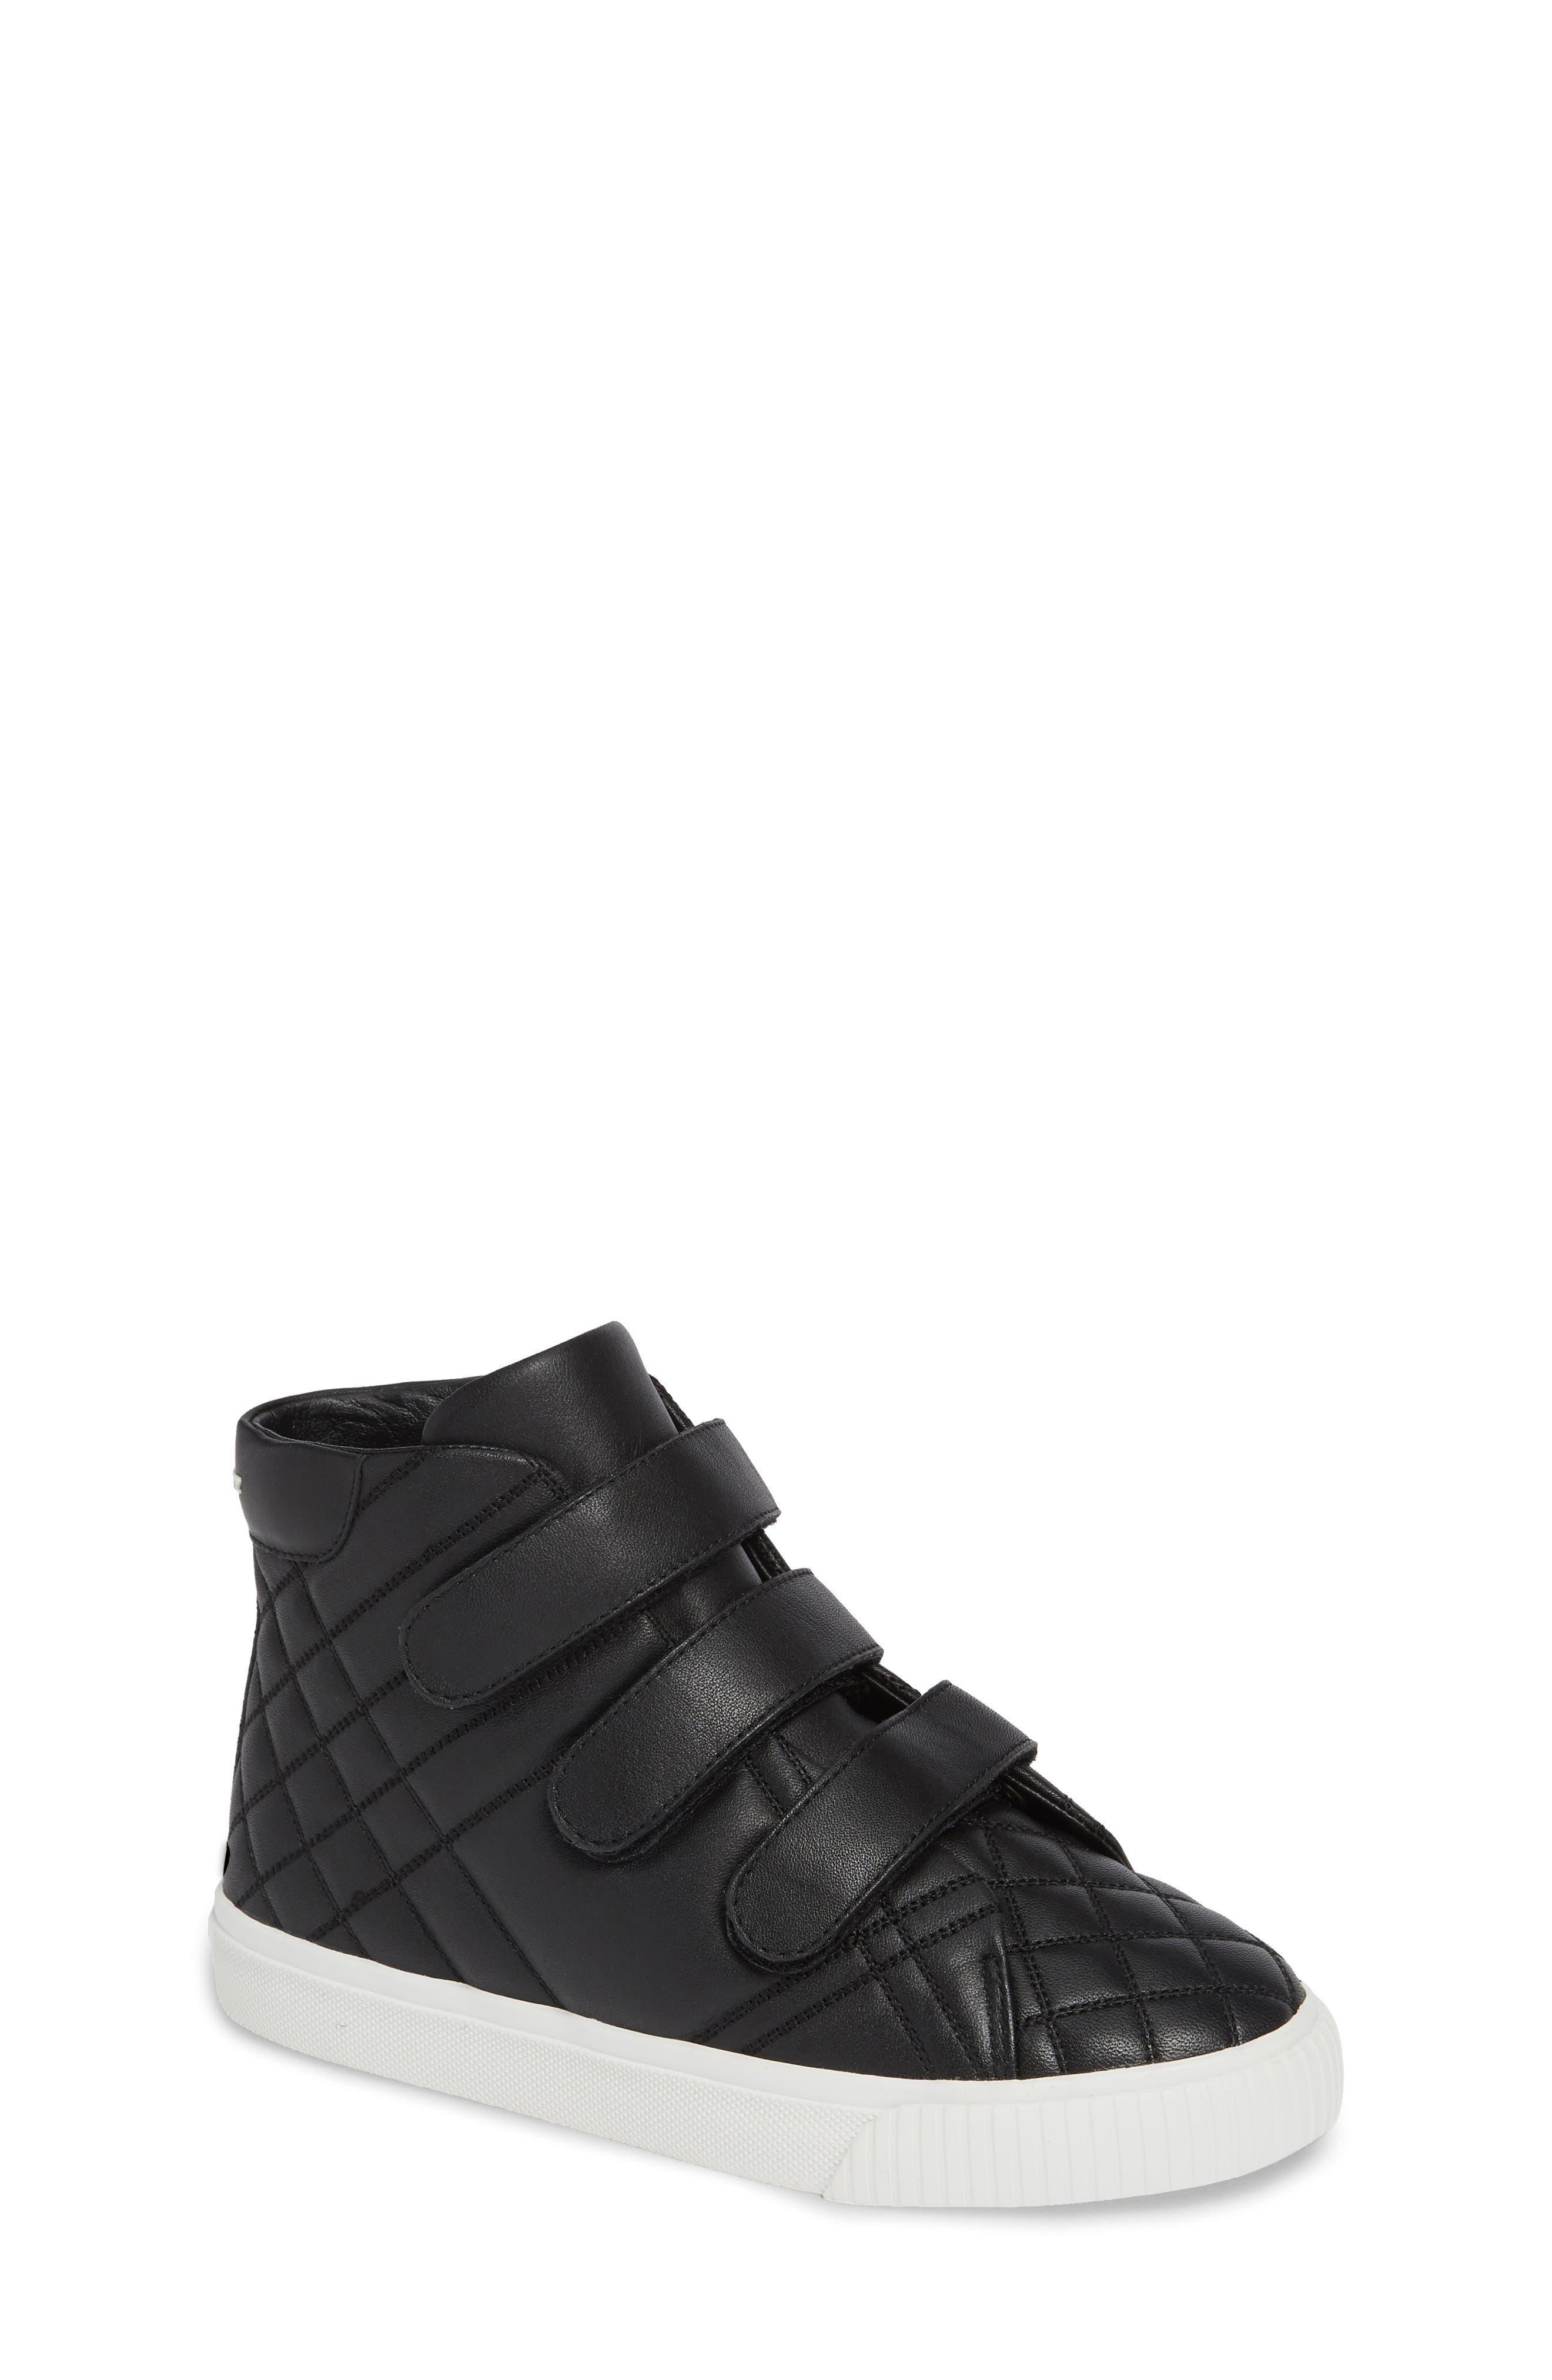 Sturrock Hi Top Sneaker,                             Main thumbnail 1, color,                             BLACK